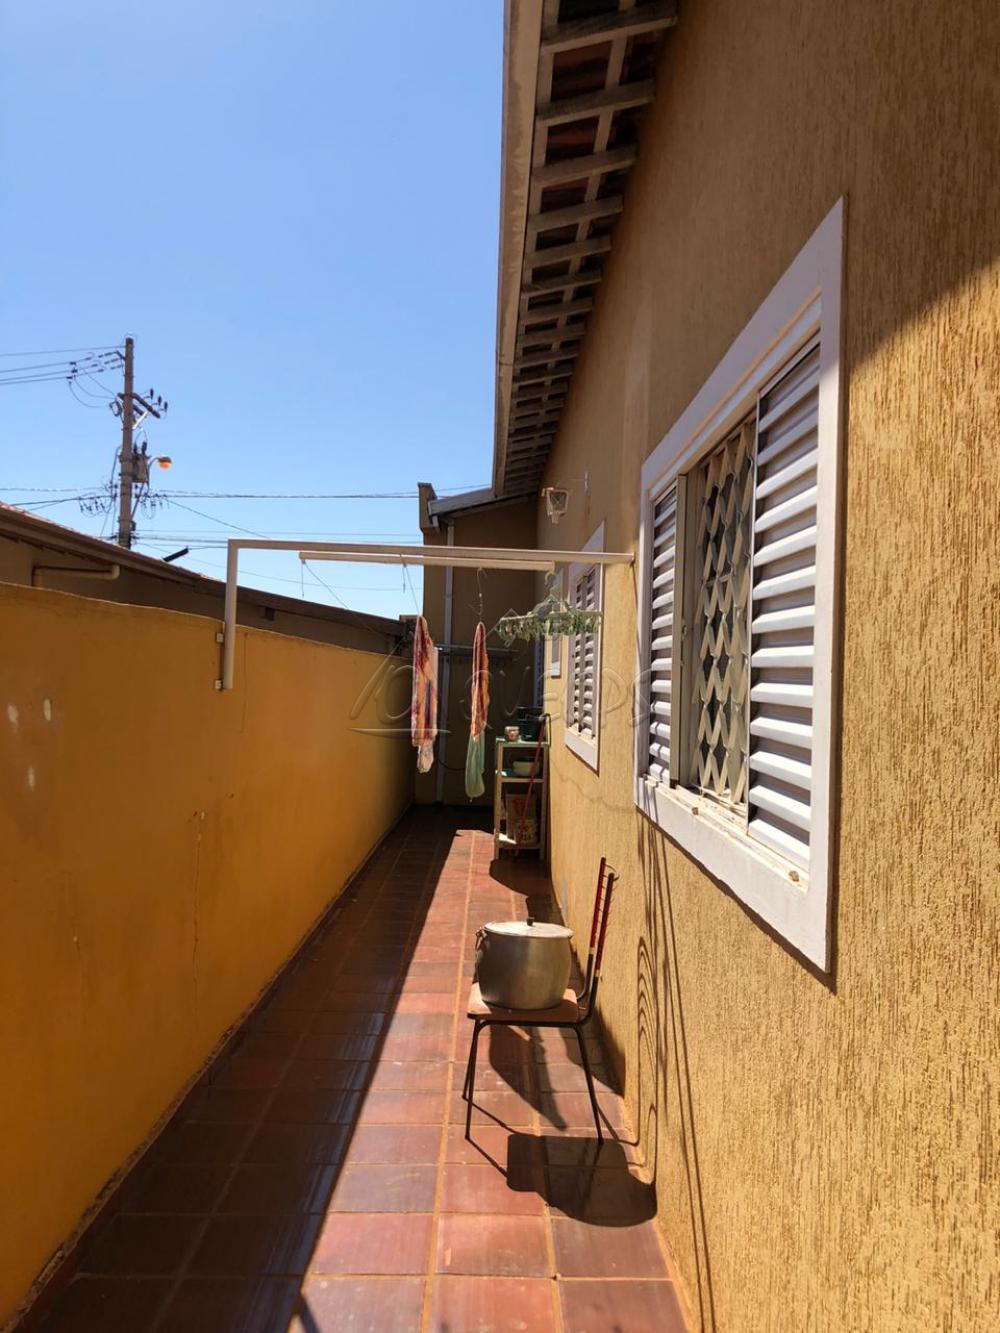 Comprar Casa / Padrão em Barretos apenas R$ 350.000,00 - Foto 21